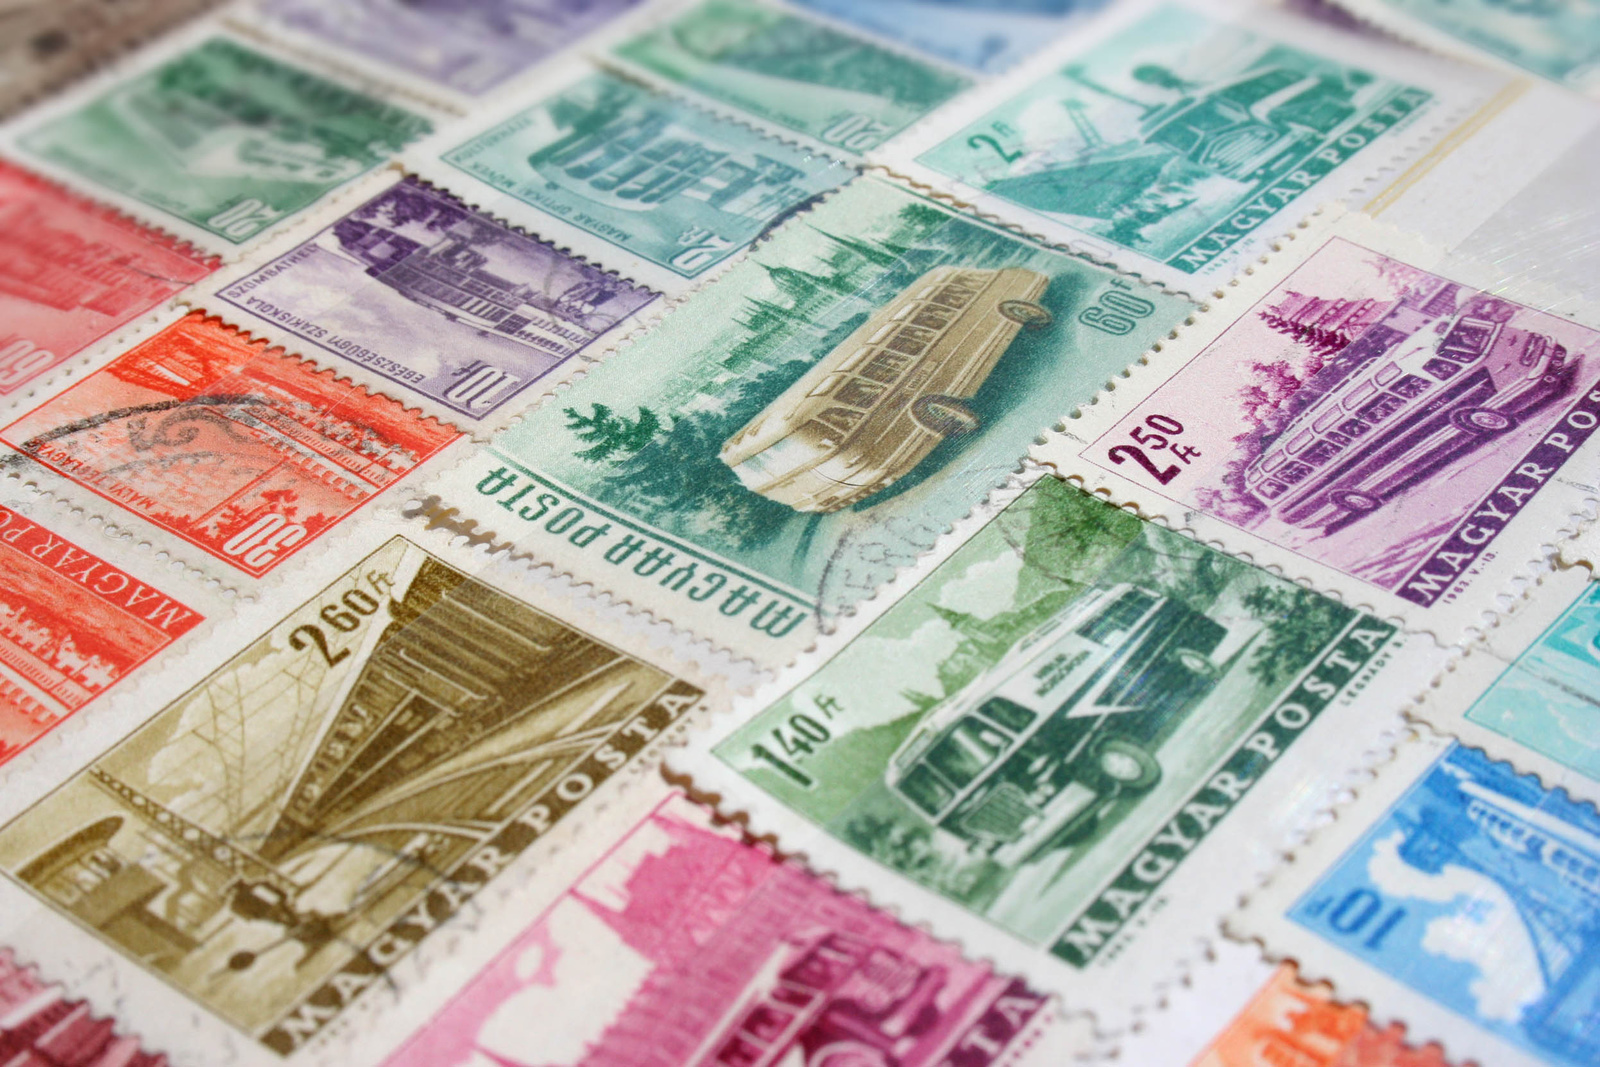 közlekedési bélyegek - 1950-es évek